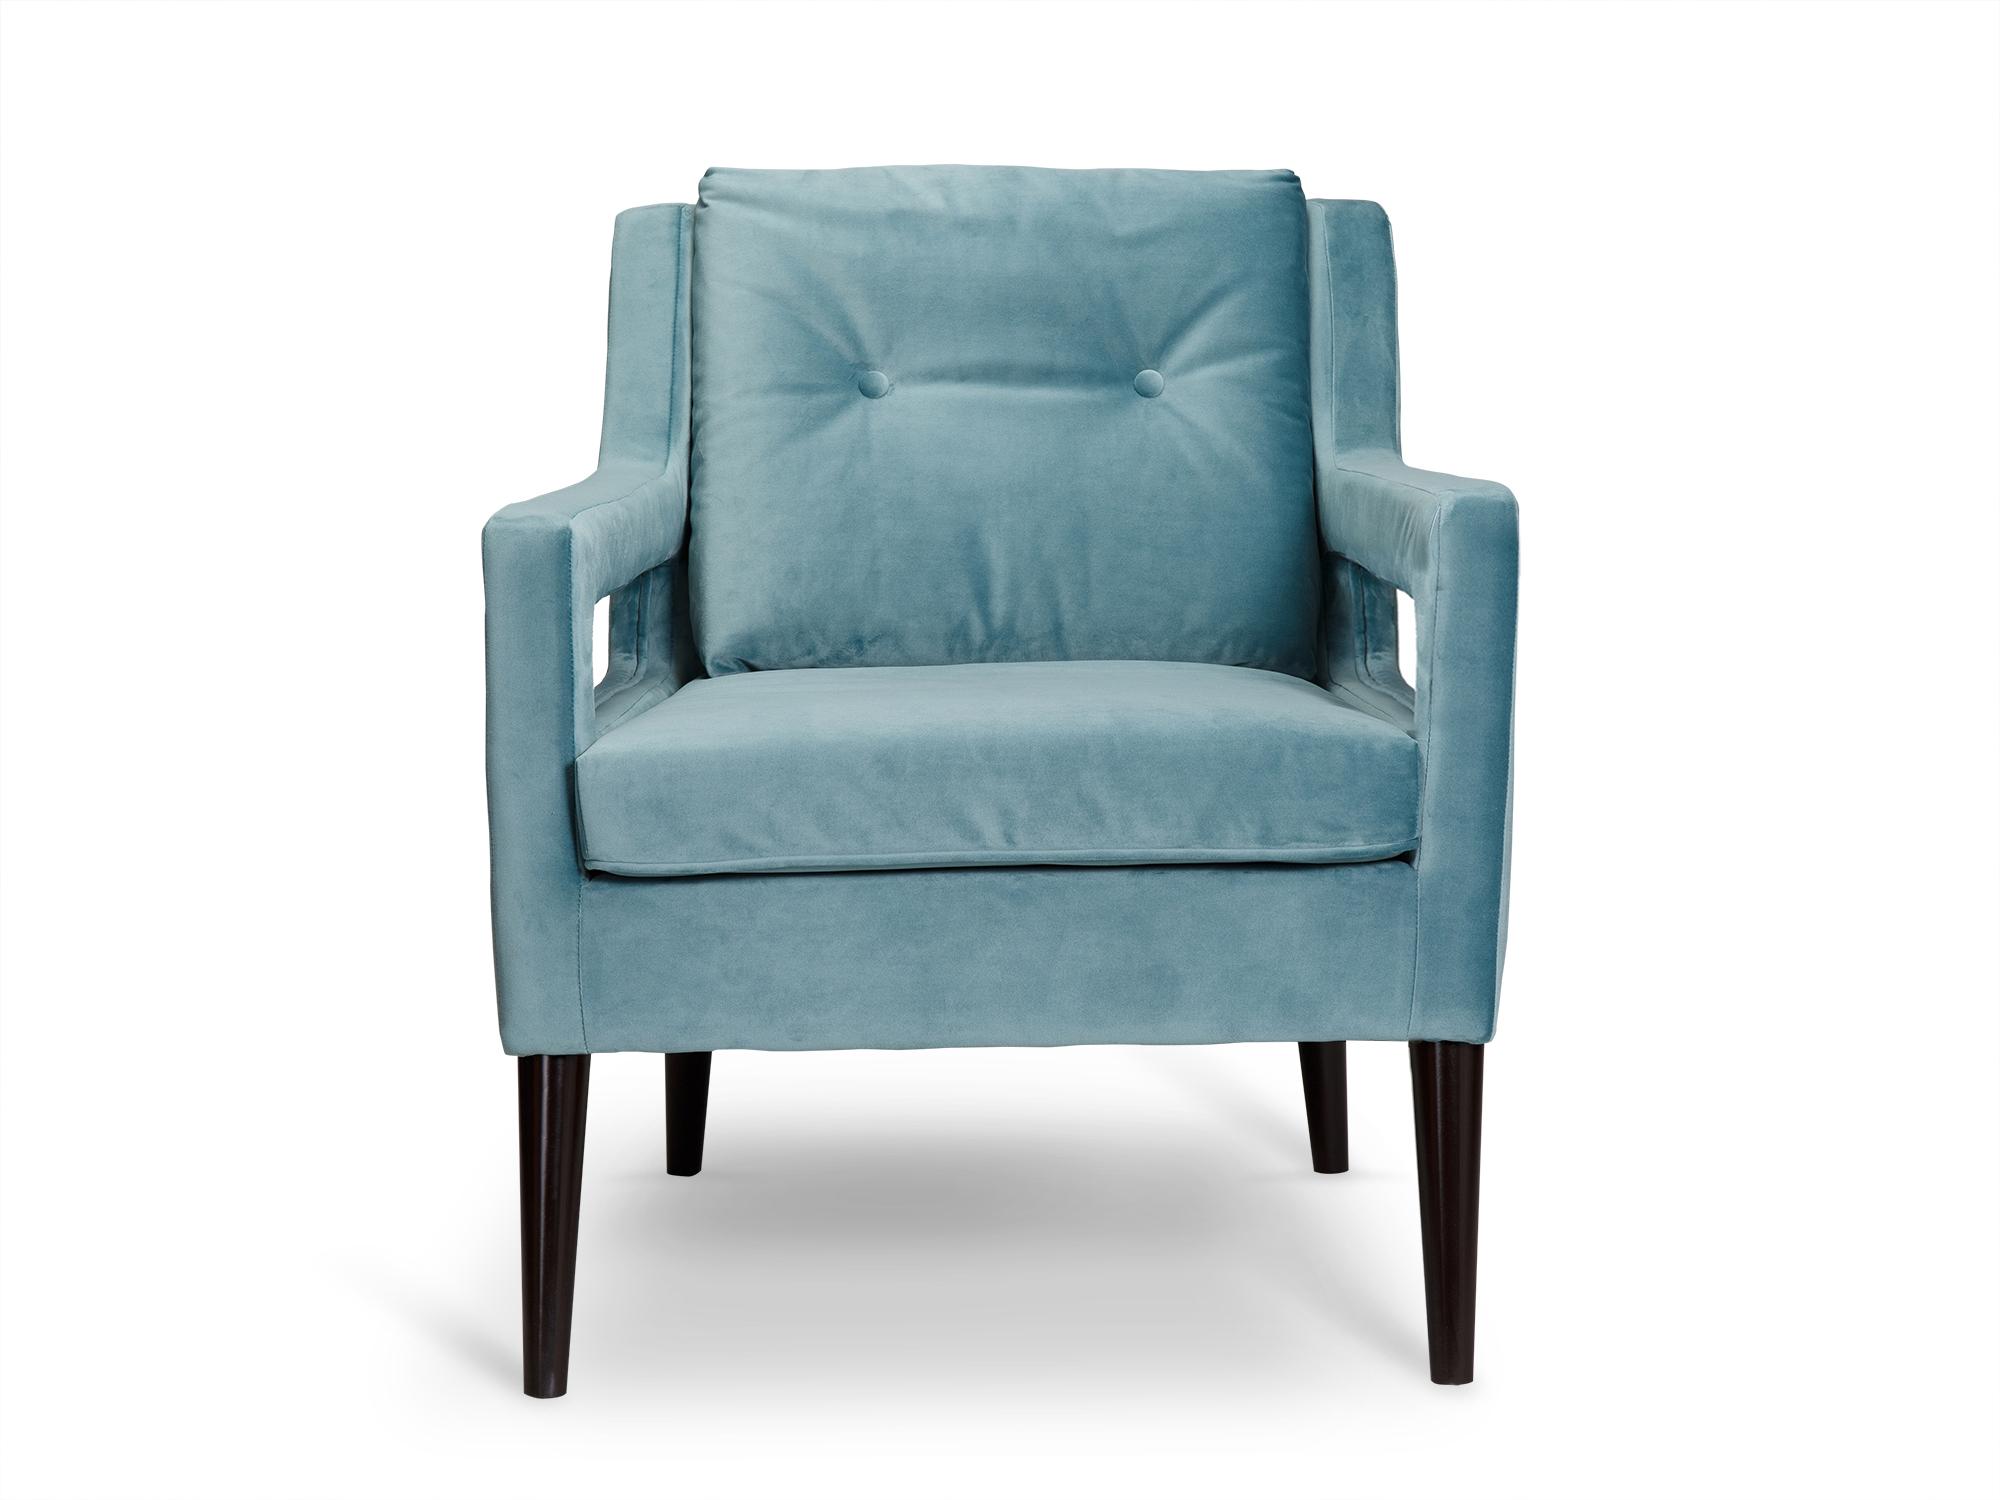 Кресло BurtonИнтерьерные кресла<br>Красивое кресло Burton небесно-голубого цвета разбавит любую комнату и сделает яркий акцент.<br><br>kit: None<br>gender: None